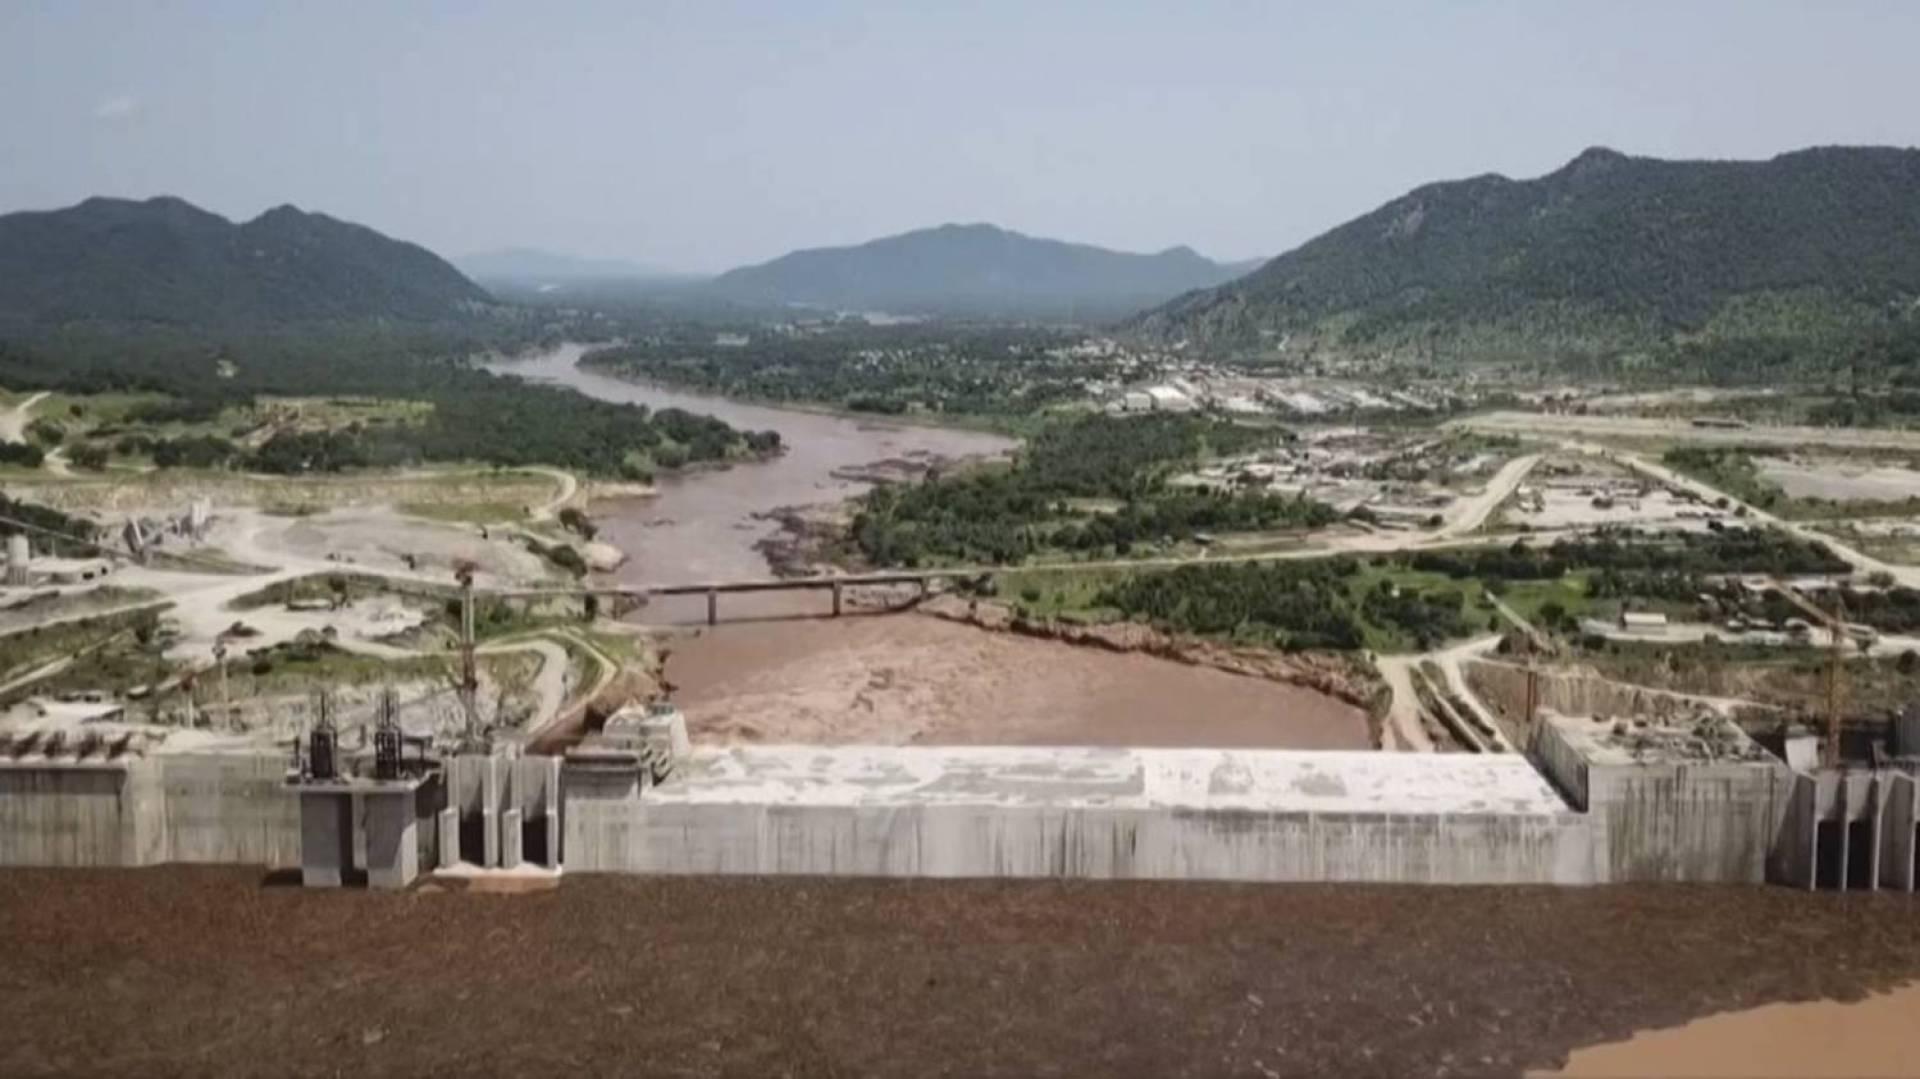 السد المنهار في ولاية النيل الازرق في السودان